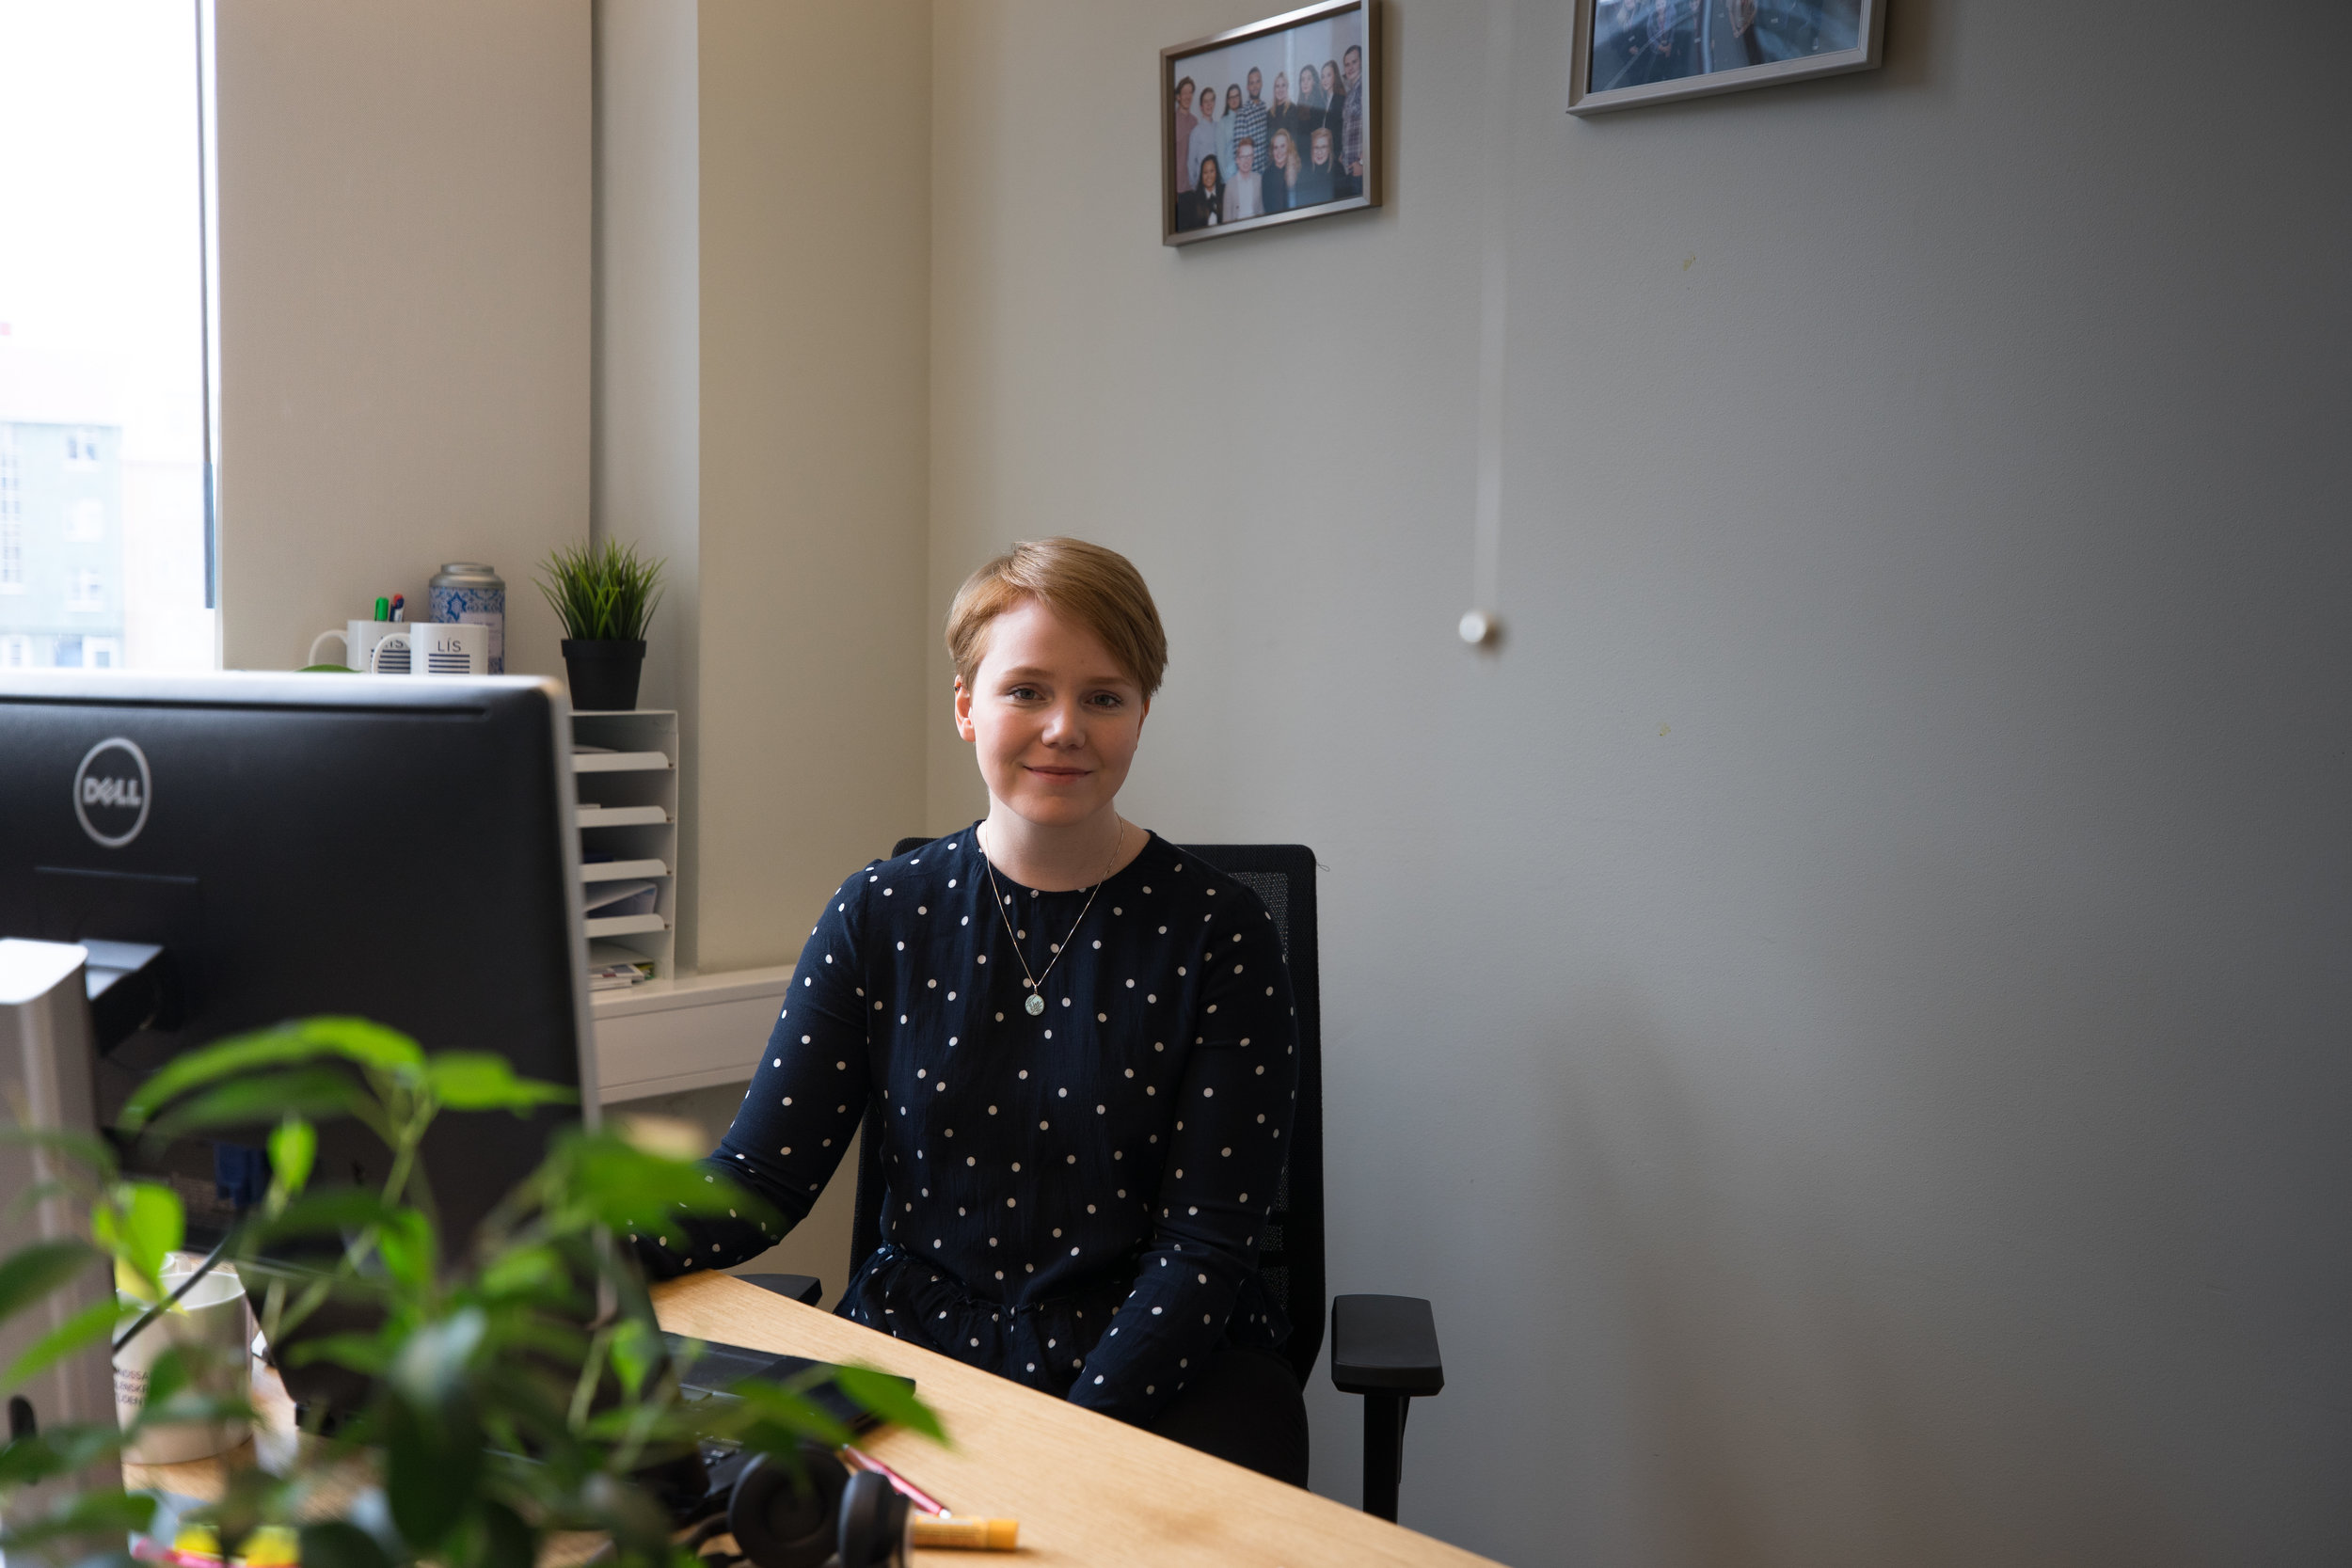 Elsa María Stúdentablaðið/Eydís María Ólafsdóttir